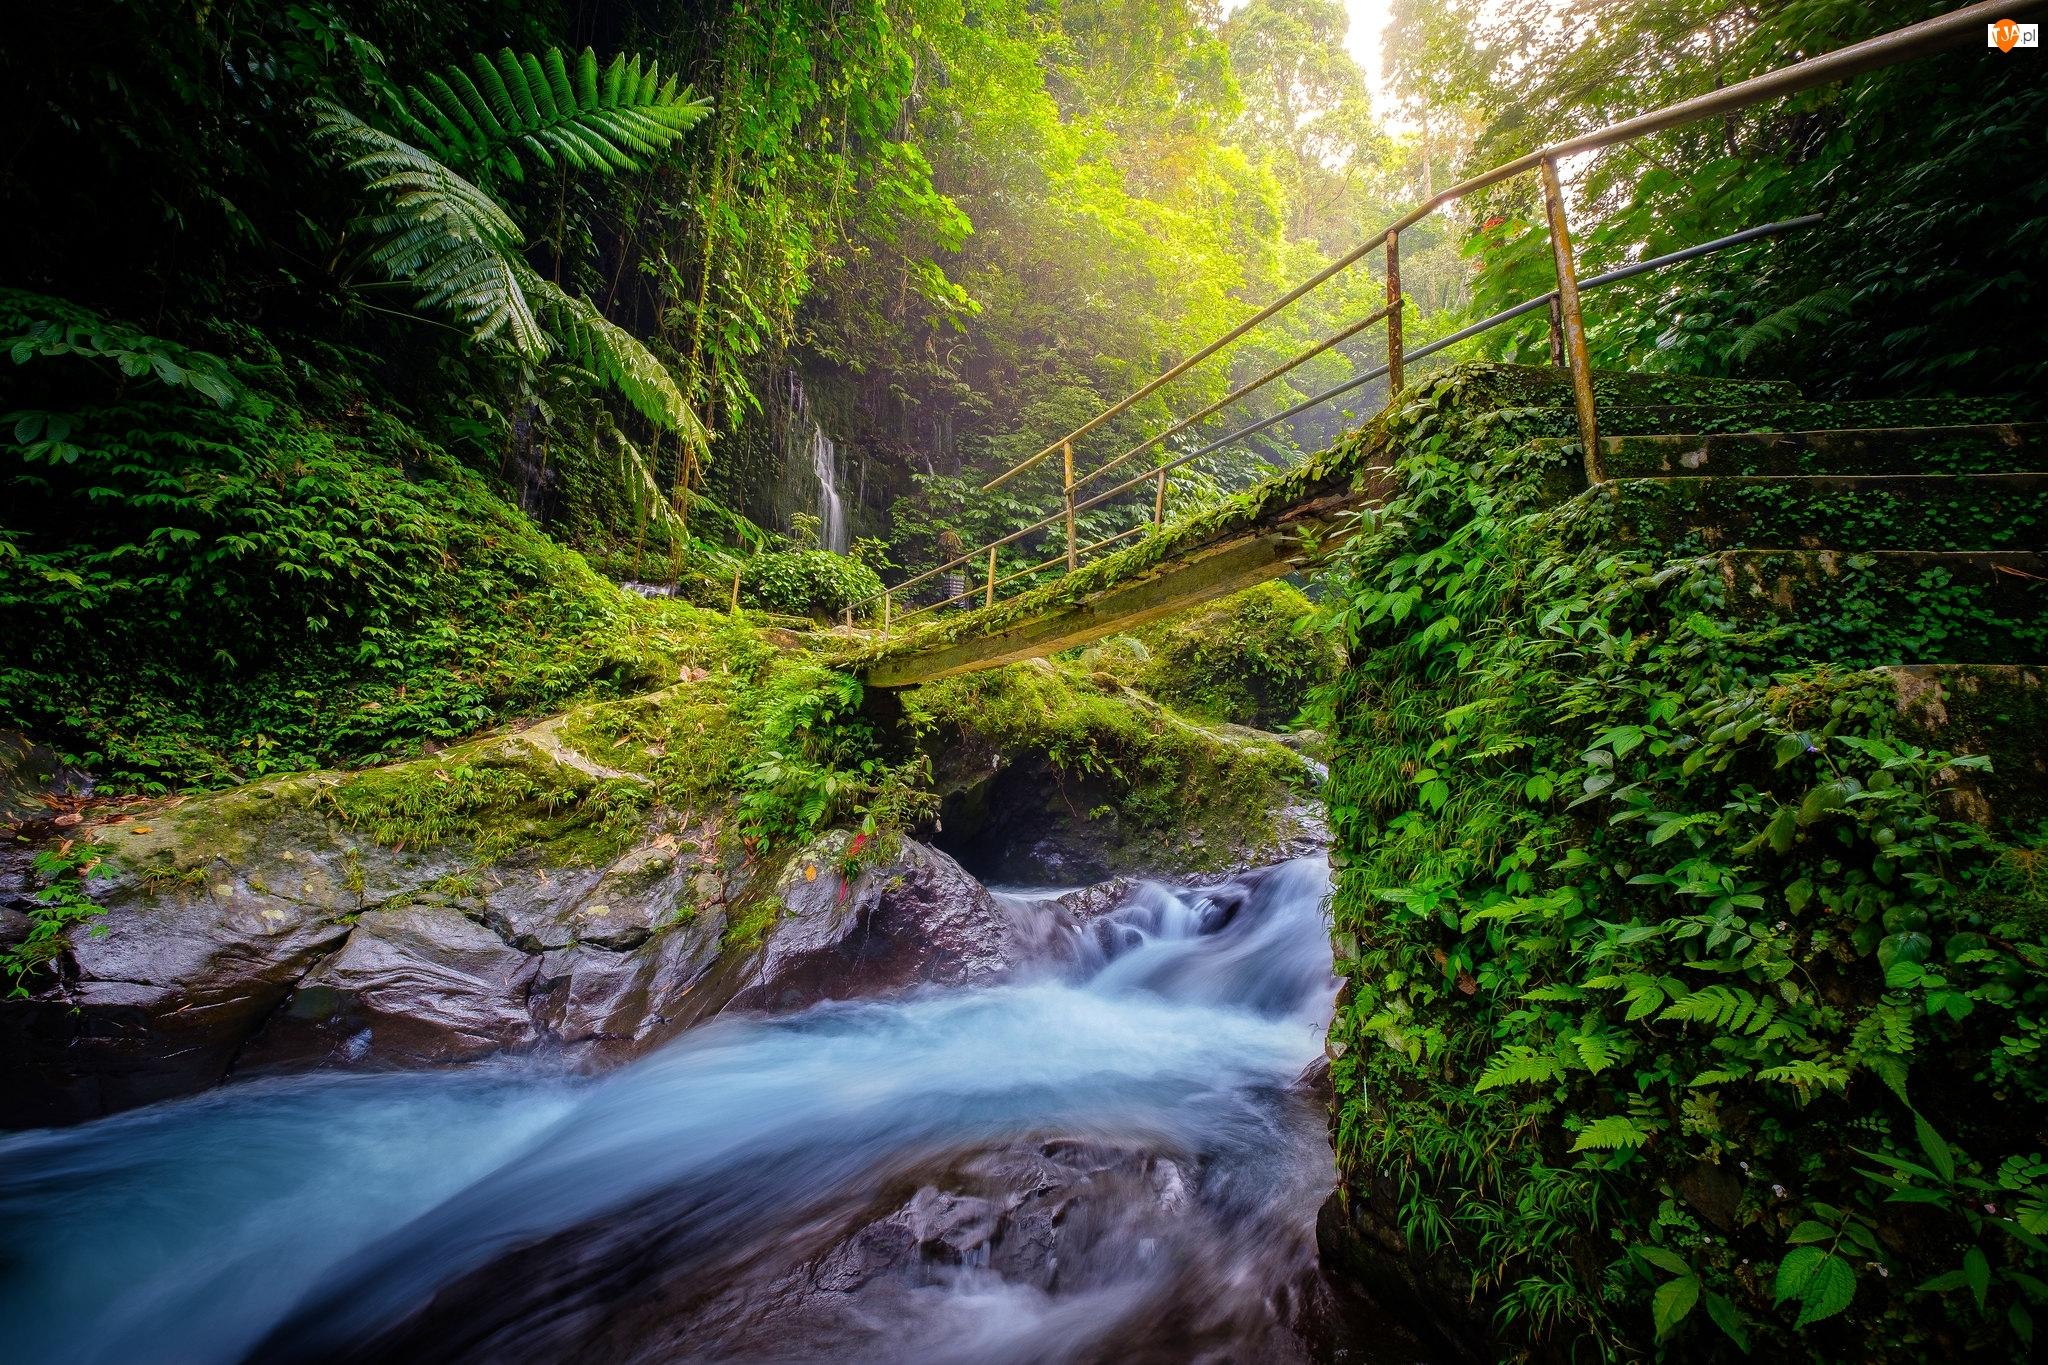 Rzeka, Skały, Drzewa, Las, Most